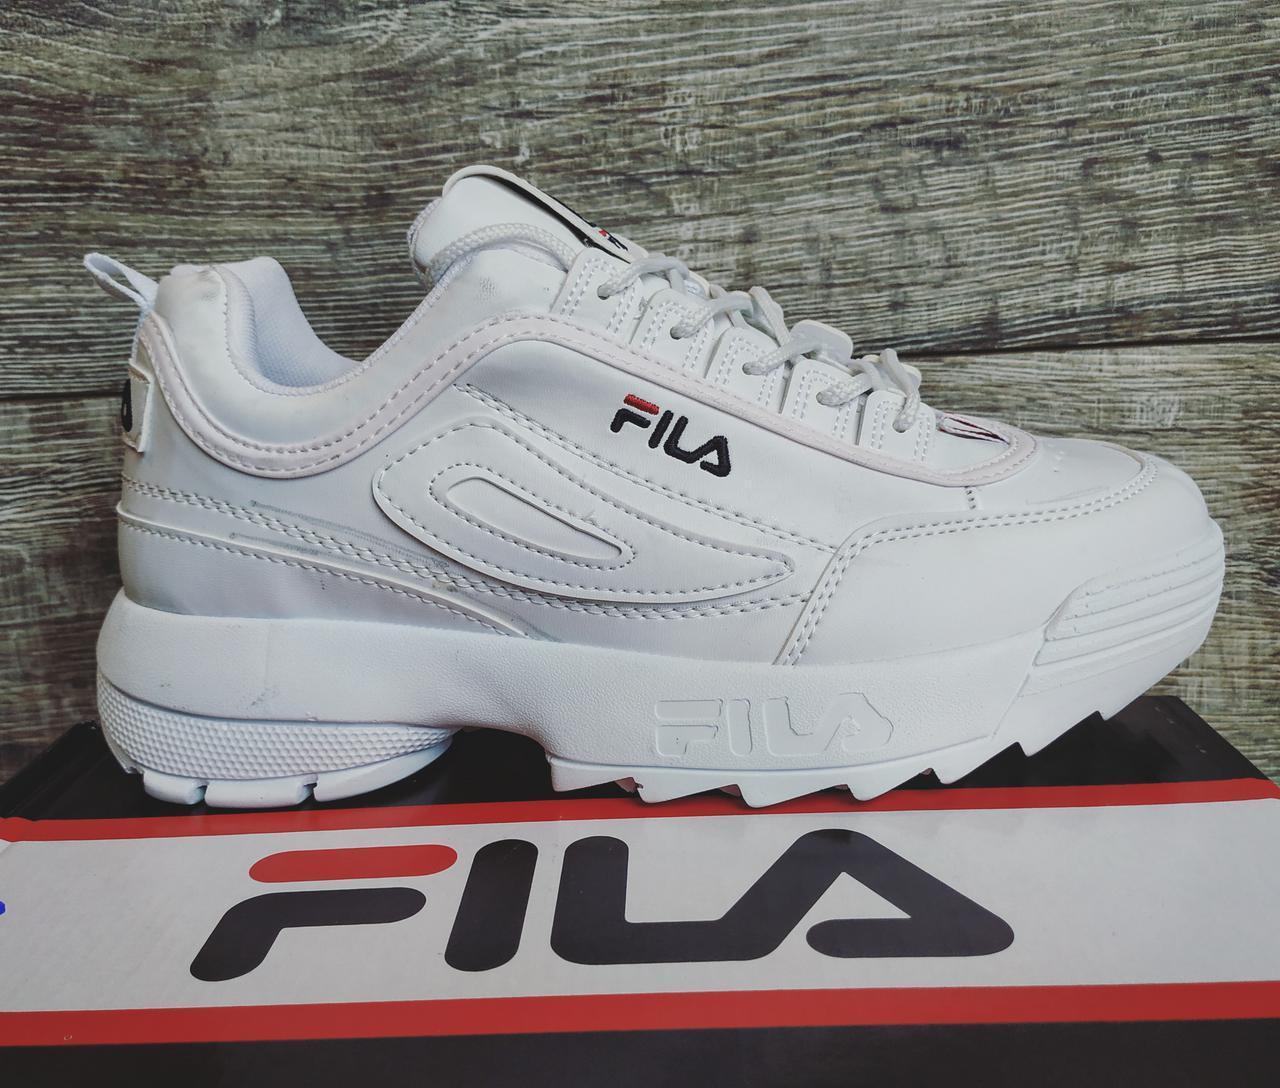 Мужские трендовые кроссовки белые Fila Disruptor 2 кожа 100% копия фила 27e5bffee3081